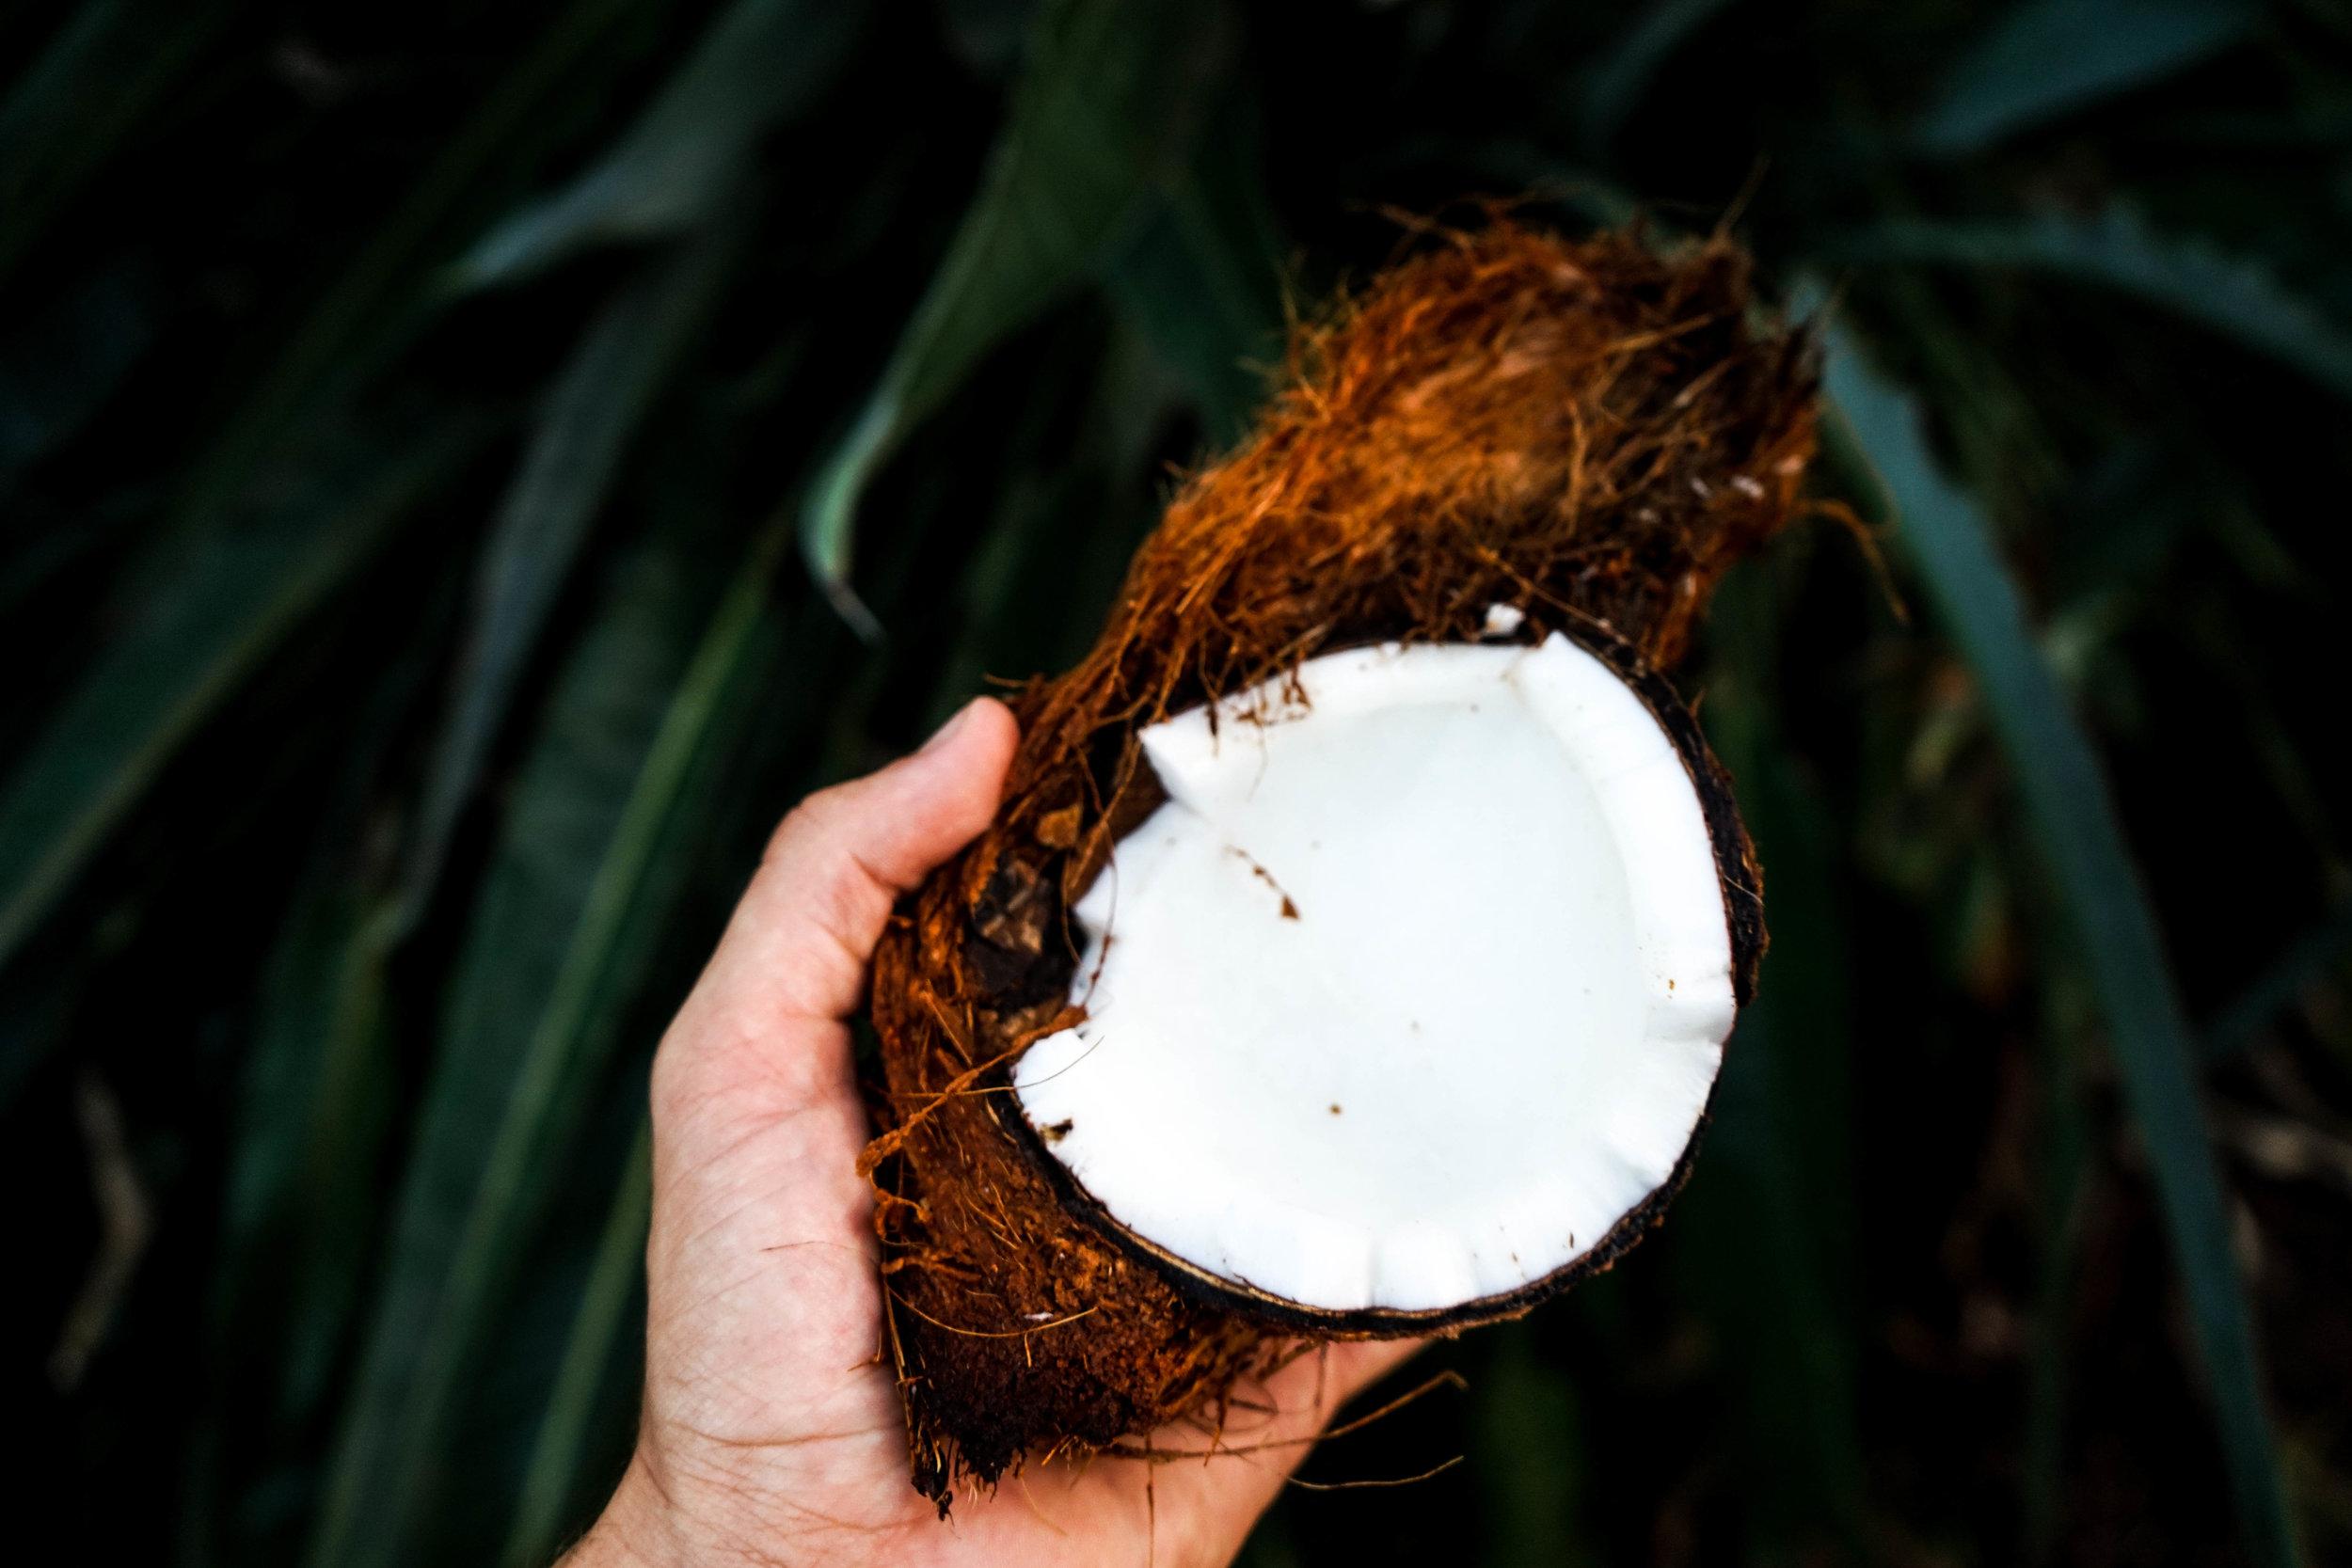 La noix de coco   Jennifer utilise l'huile de coco dans plusieurs de ses recettes dont celle de ses fameux cookies... Elle est obtenue par extraction de sa pulpe et utilisée dans les cosmétiques comme pour le monoï, un macérat de fleurs de tiaré dans l'huile de coco.  En parfumerie on la recrée alors avec d'autres matières premières et notamment la gamma-nonalactone qui est naturellement présente dans la noix de coco. On utilise principalement cette note dans le fond des parfums féminins et dans les bougies d'ambiance pour apporter une facette gourmande, solaire et lactée s'associant avec les fruits exotiques.